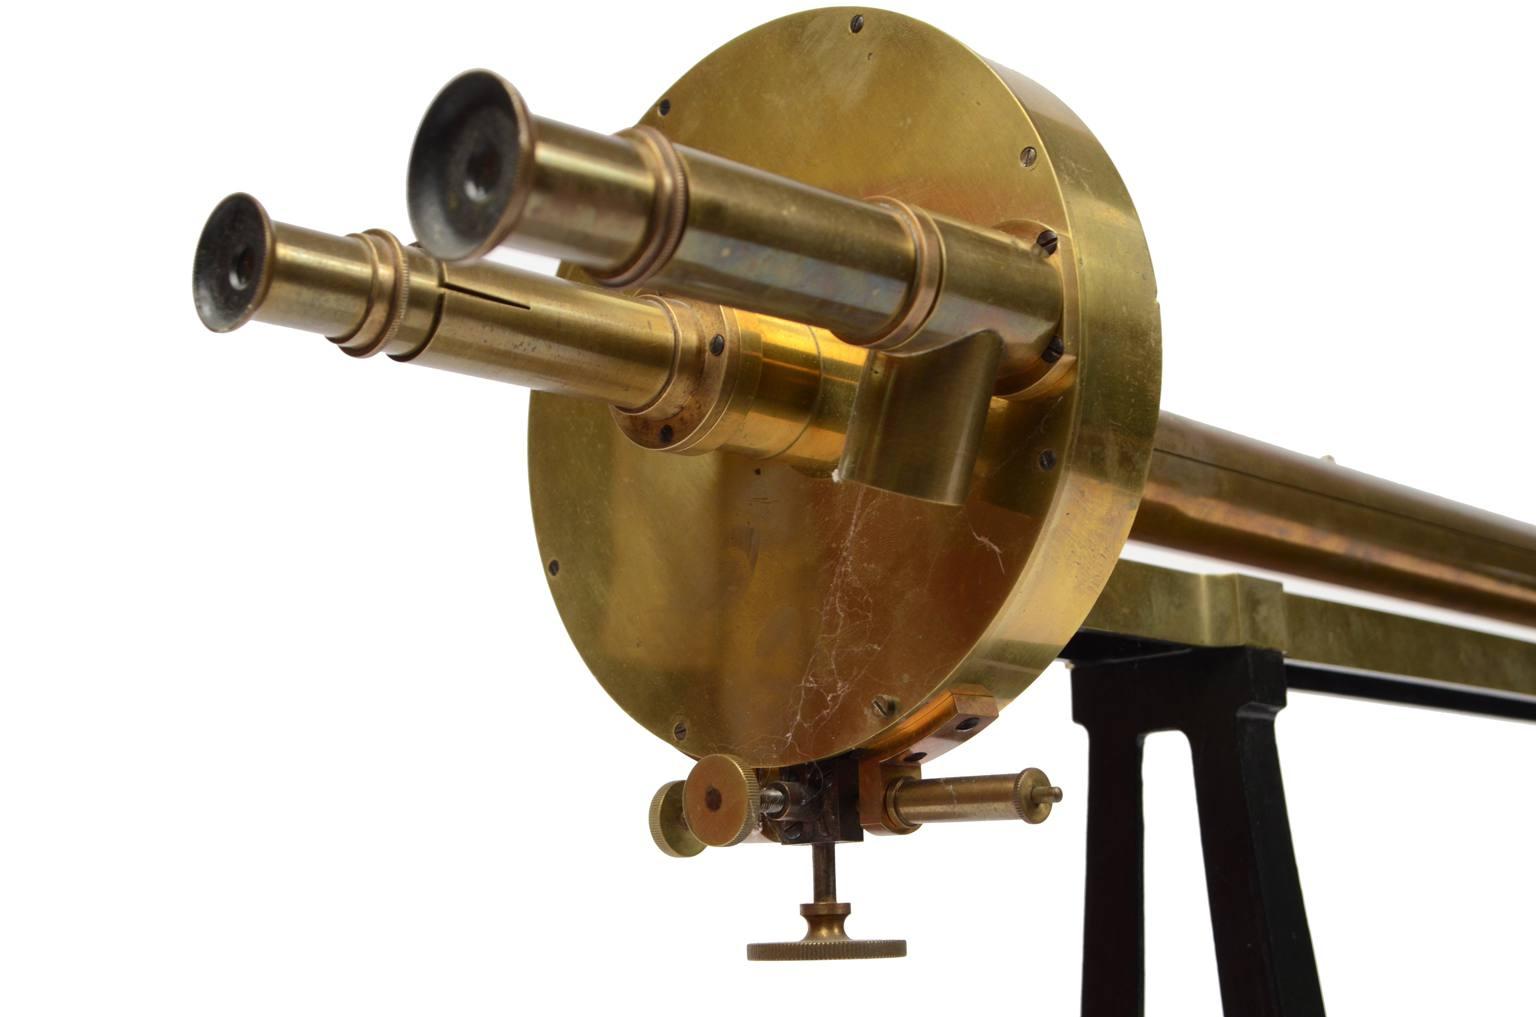 Strumenti di misura antichi/A35-Polarimetro Lippich